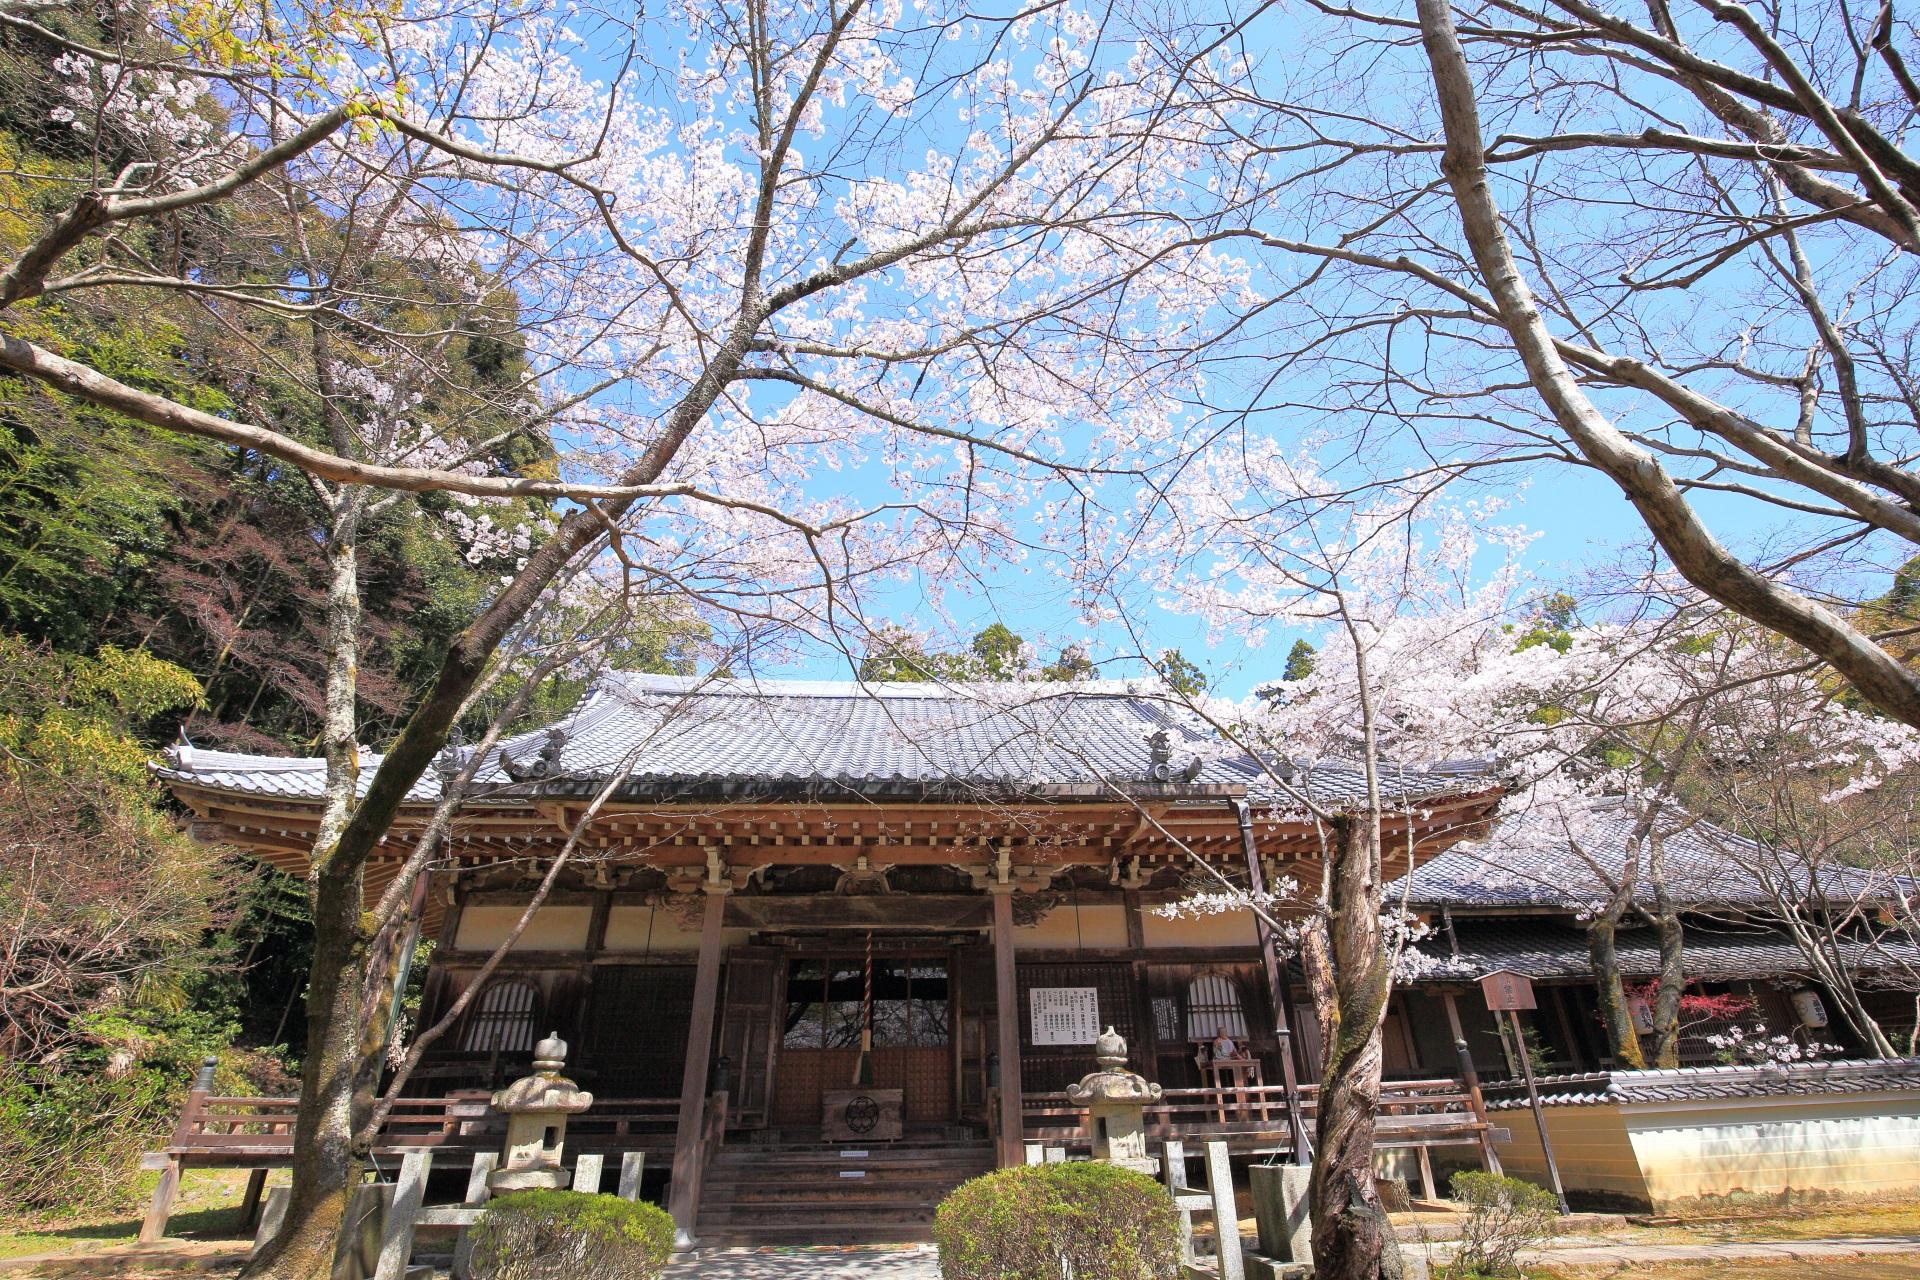 勝持寺の阿弥陀堂と桜